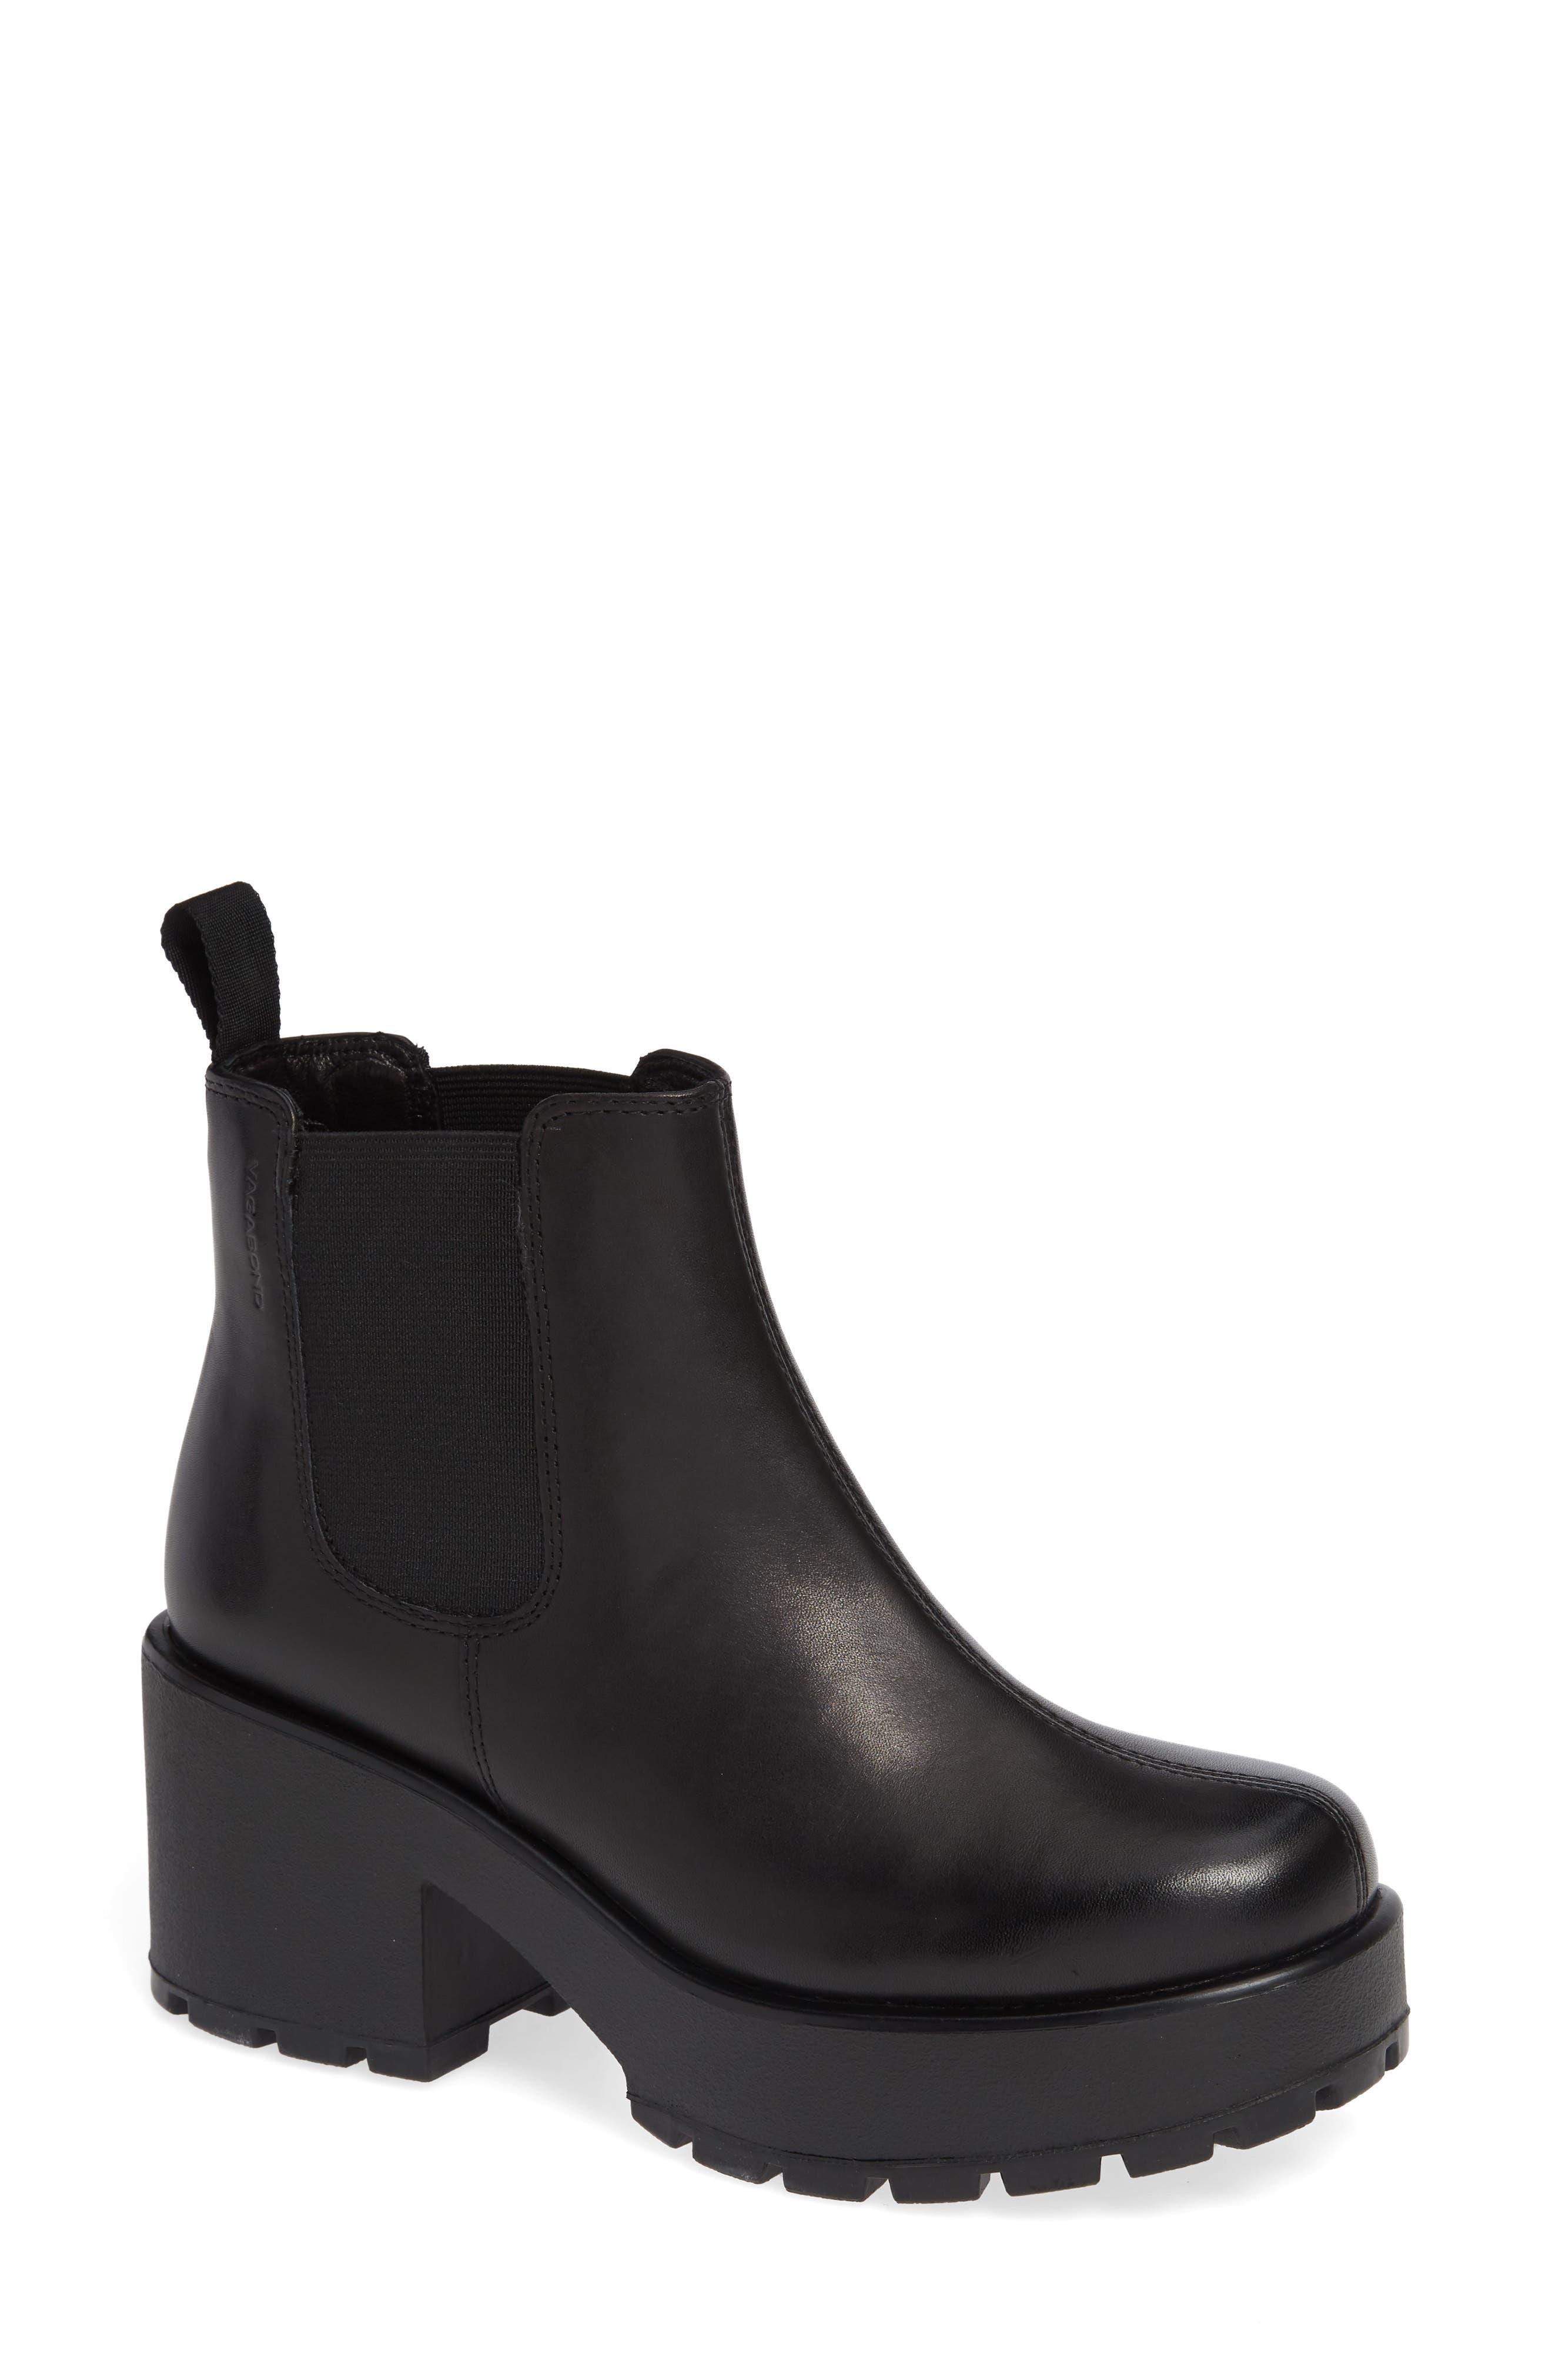 VAGABOND, Shoemakers Dioon Platform Chelsea Bootie, Main thumbnail 1, color, BLACK LEATHER